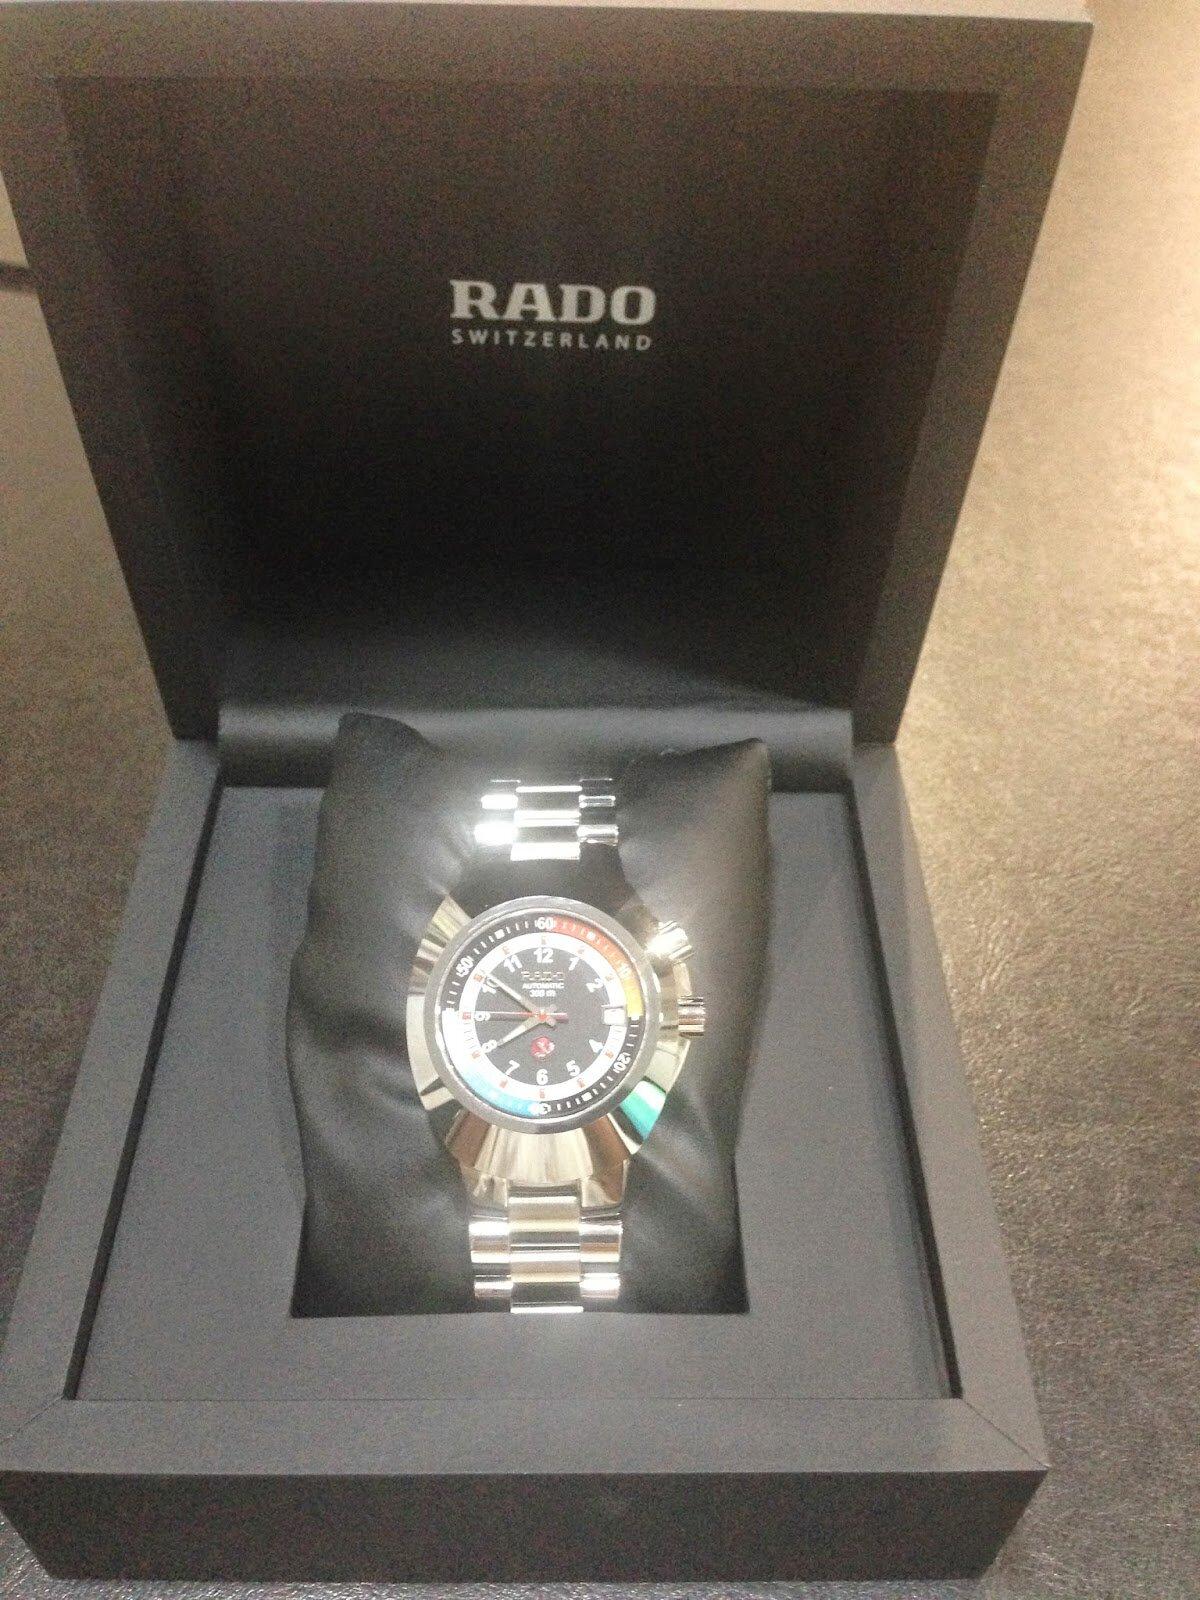 Cách phân biệt đồng hồ Rado thật giả